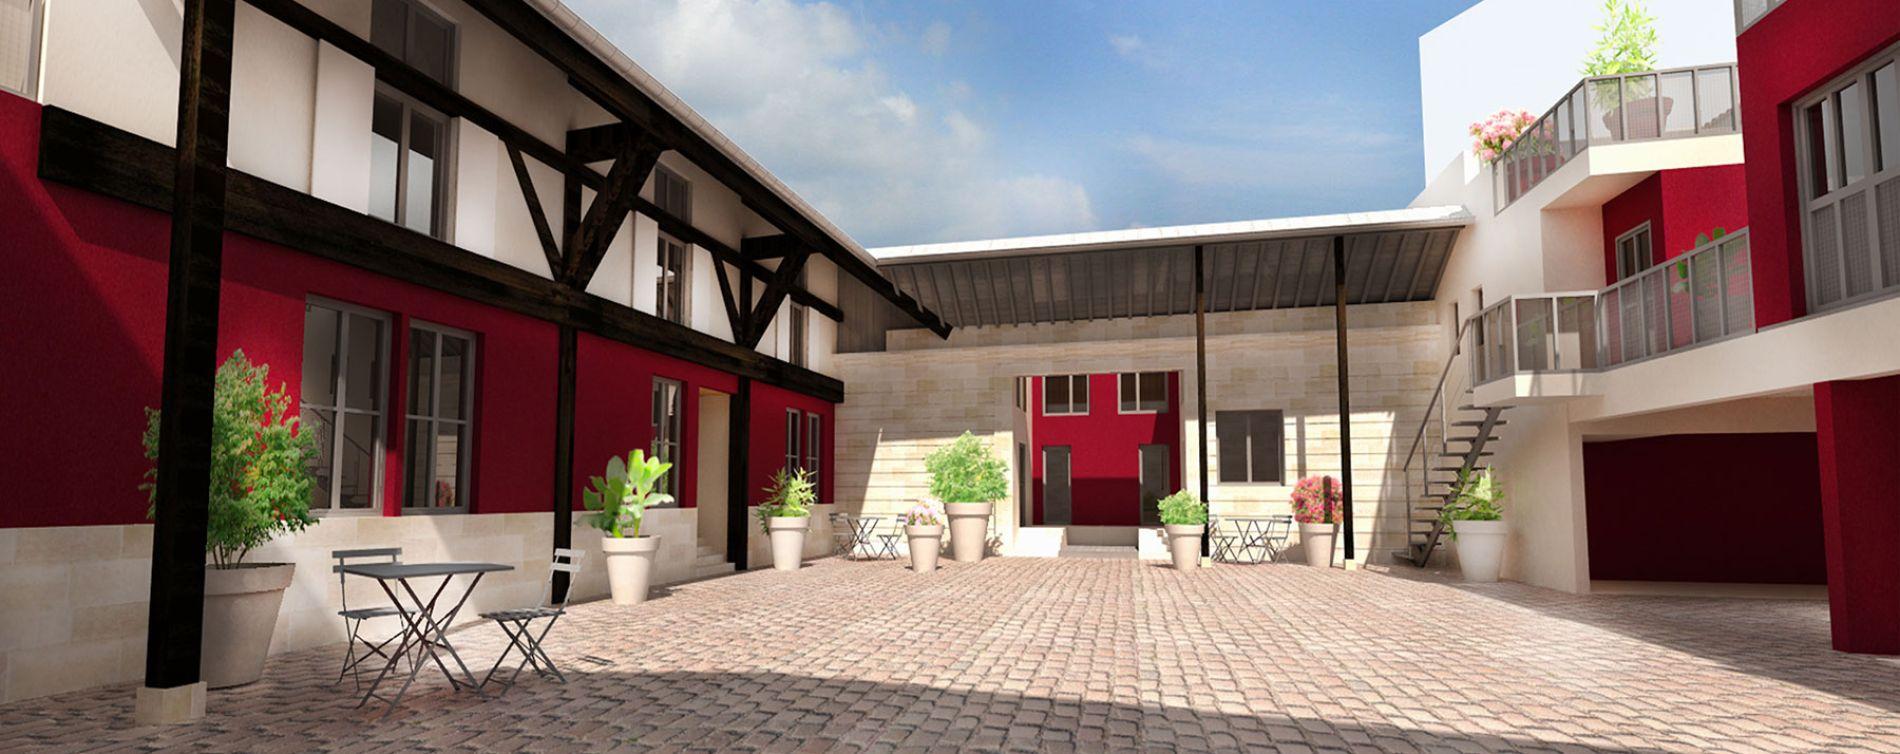 Le clos de la bastide bordeaux programme immobilier neuf for Immobilier sur bordeaux